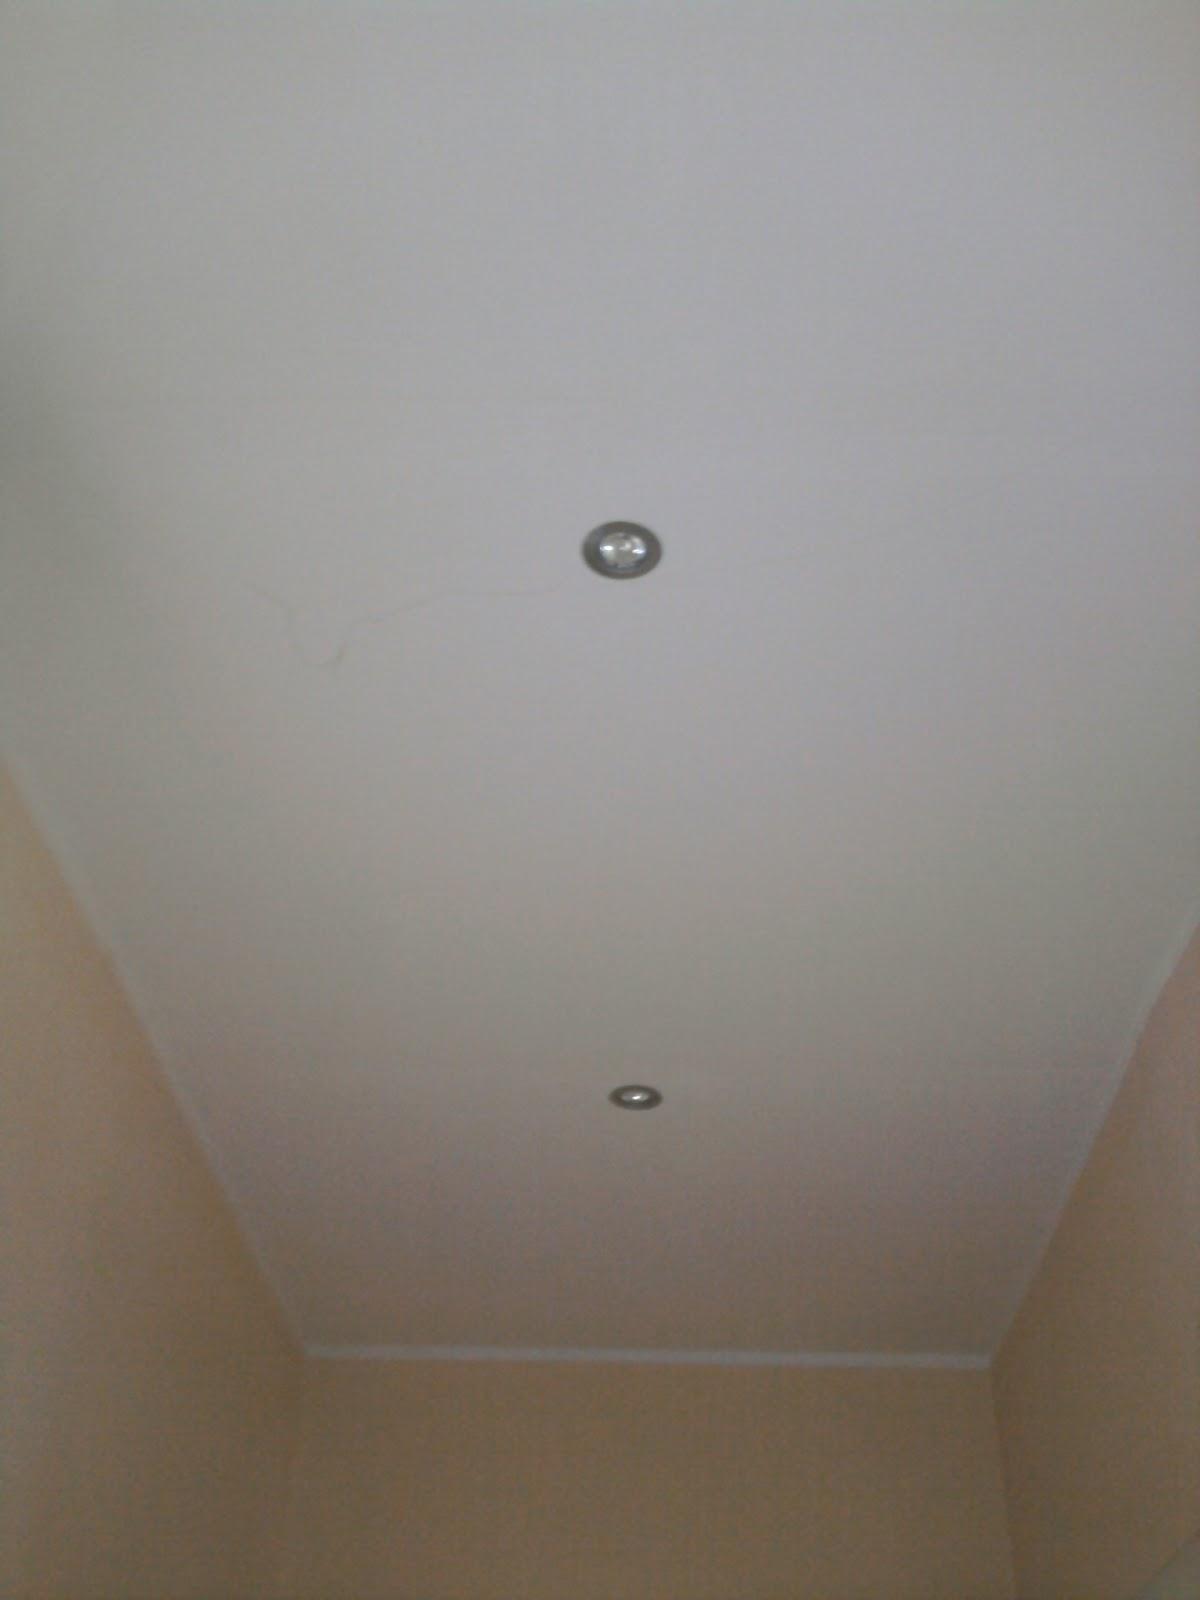 andrea cassinelli artigiano: abbassamento soffitto in cartongesso